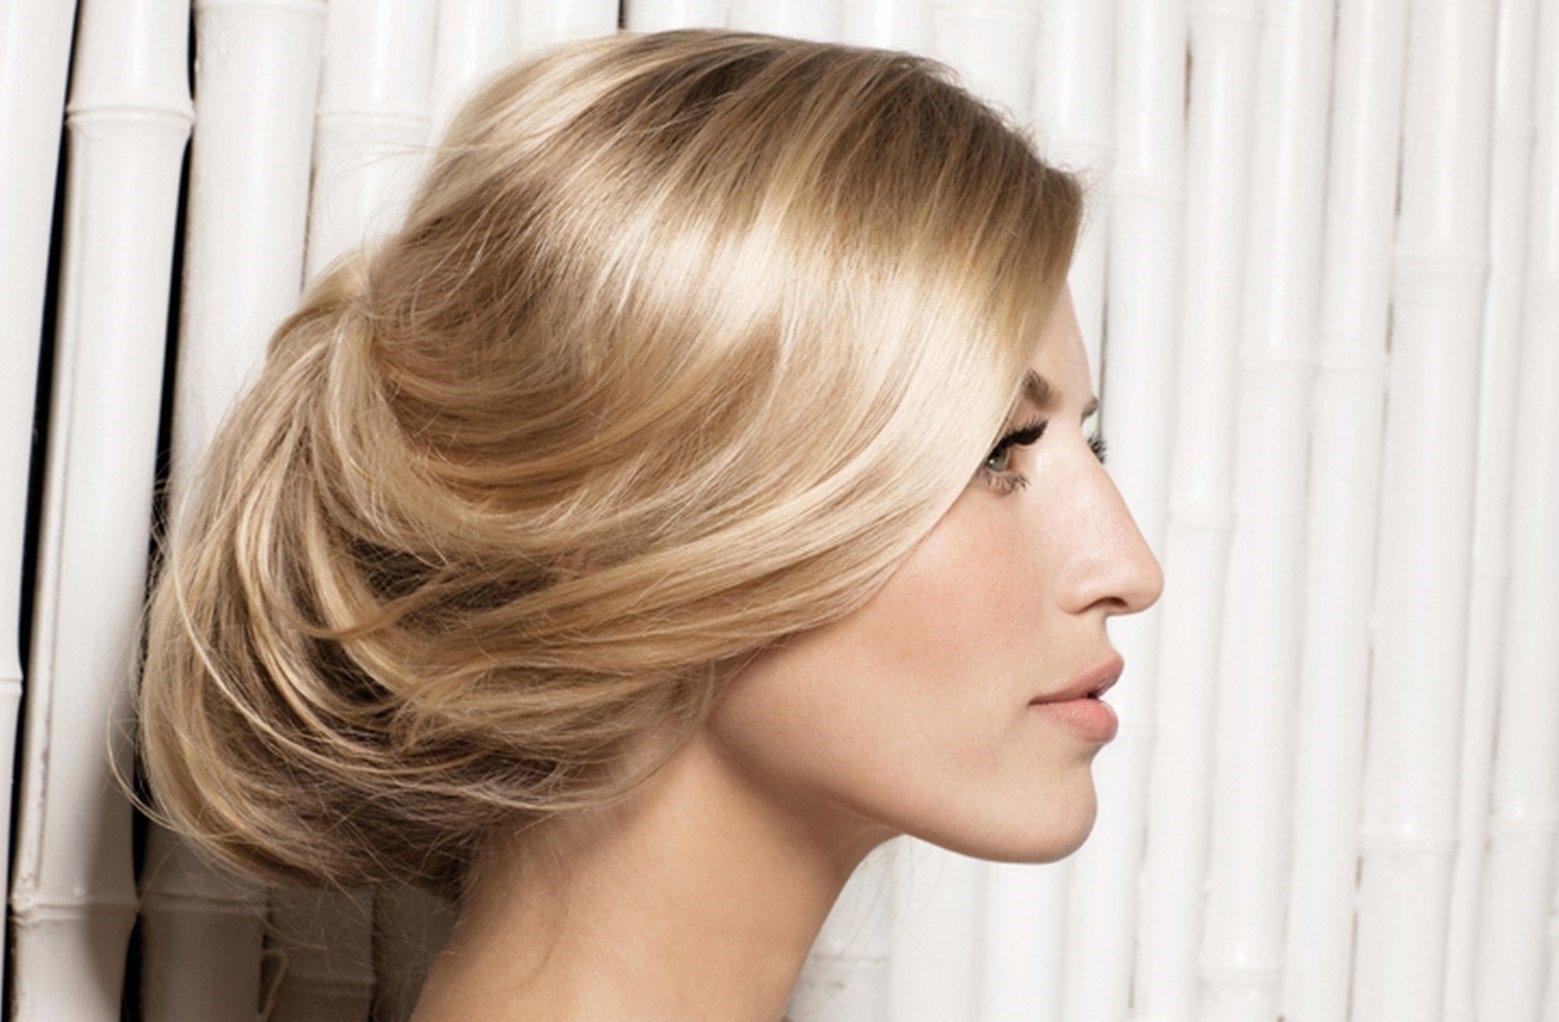 Прически на средние волосы инструкция своими руками фото 186